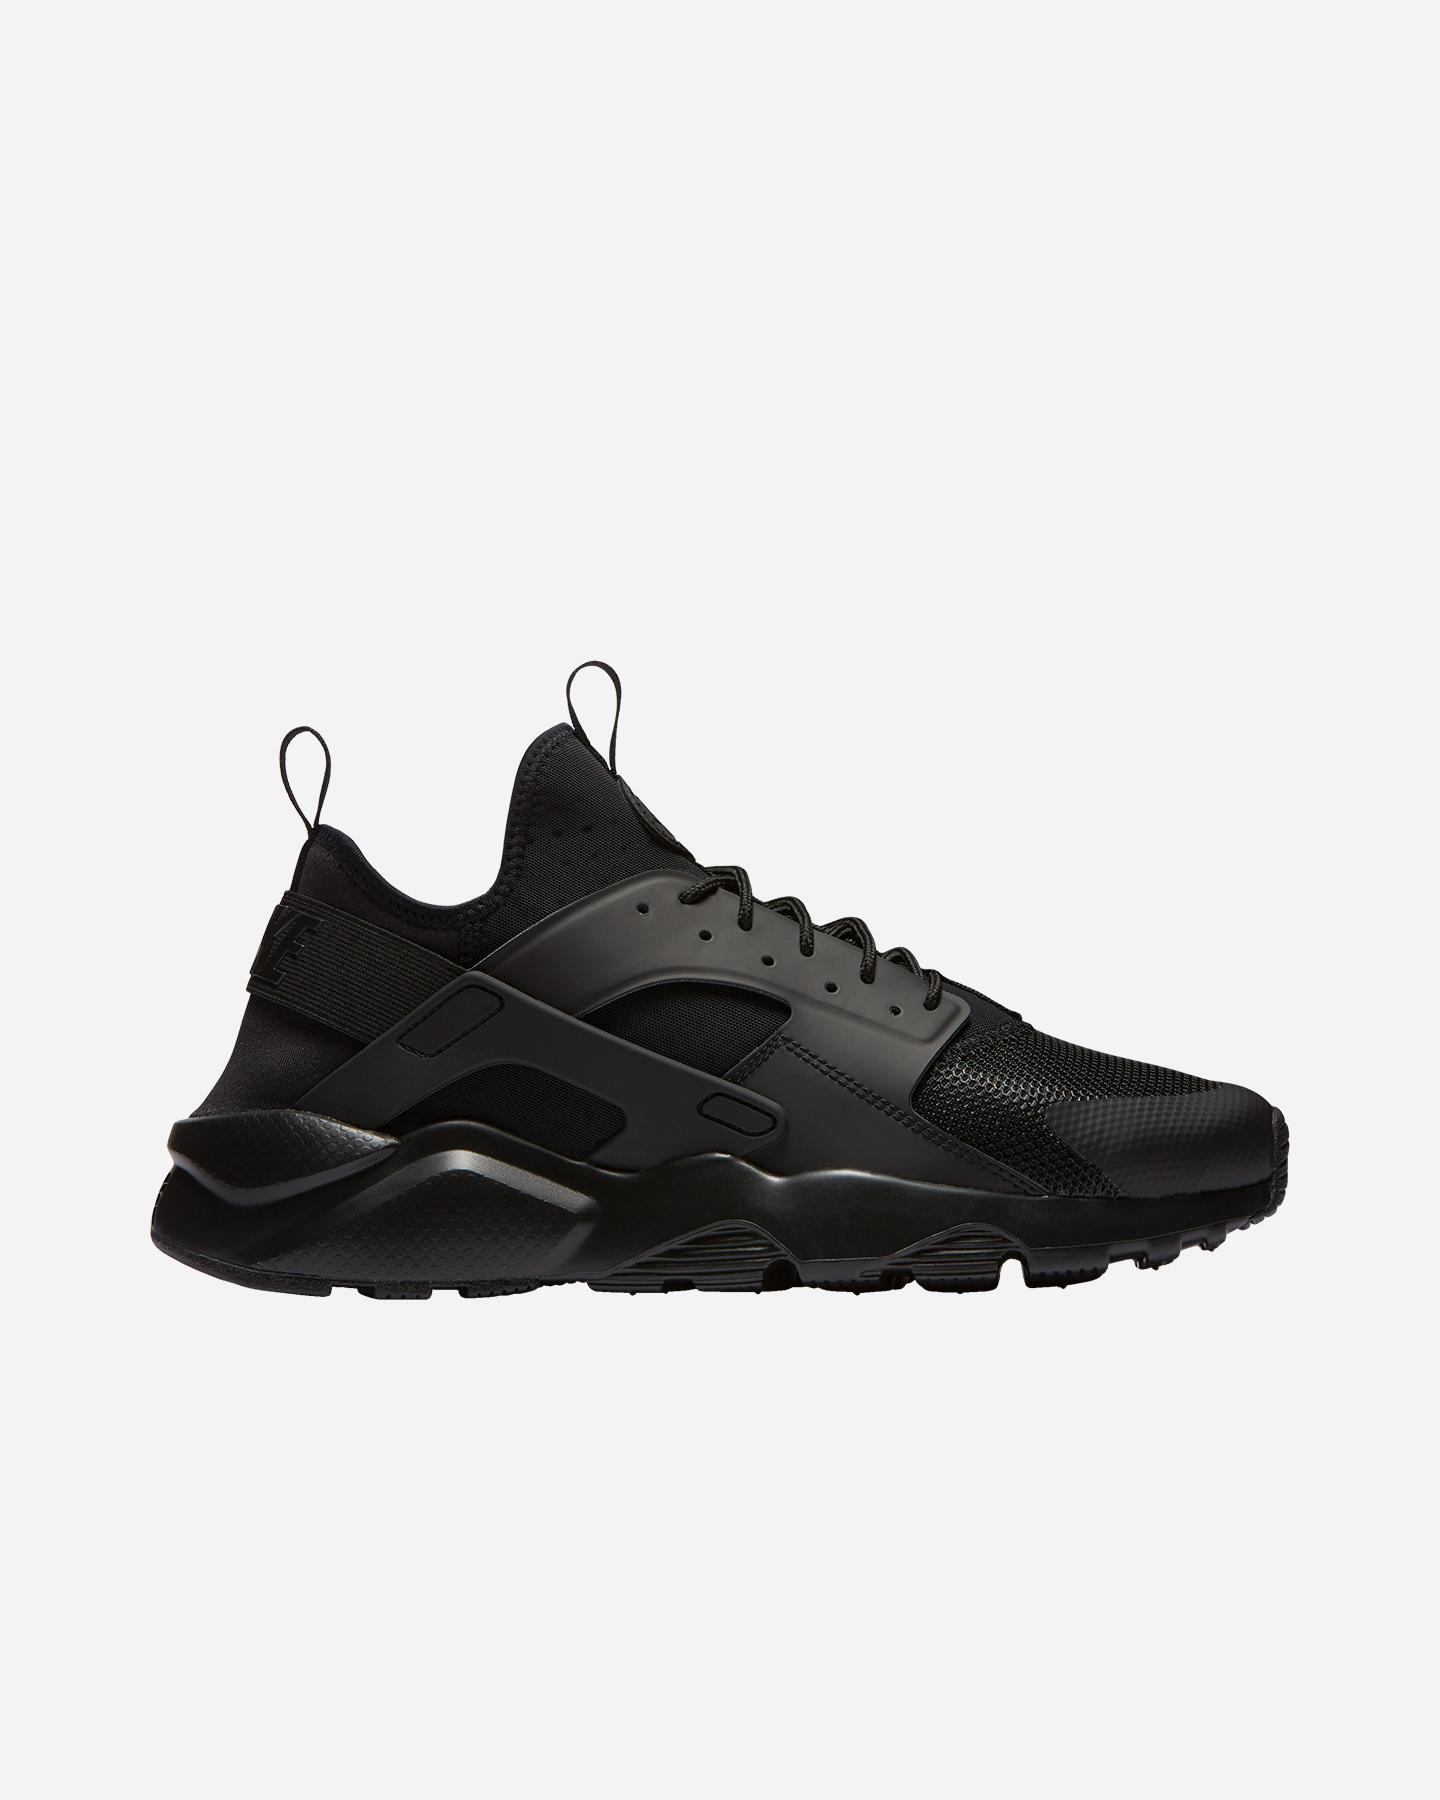 62cbddffc5f02 Scarpe sneakers NIKE HUARACHE RUN ULTRA M ...